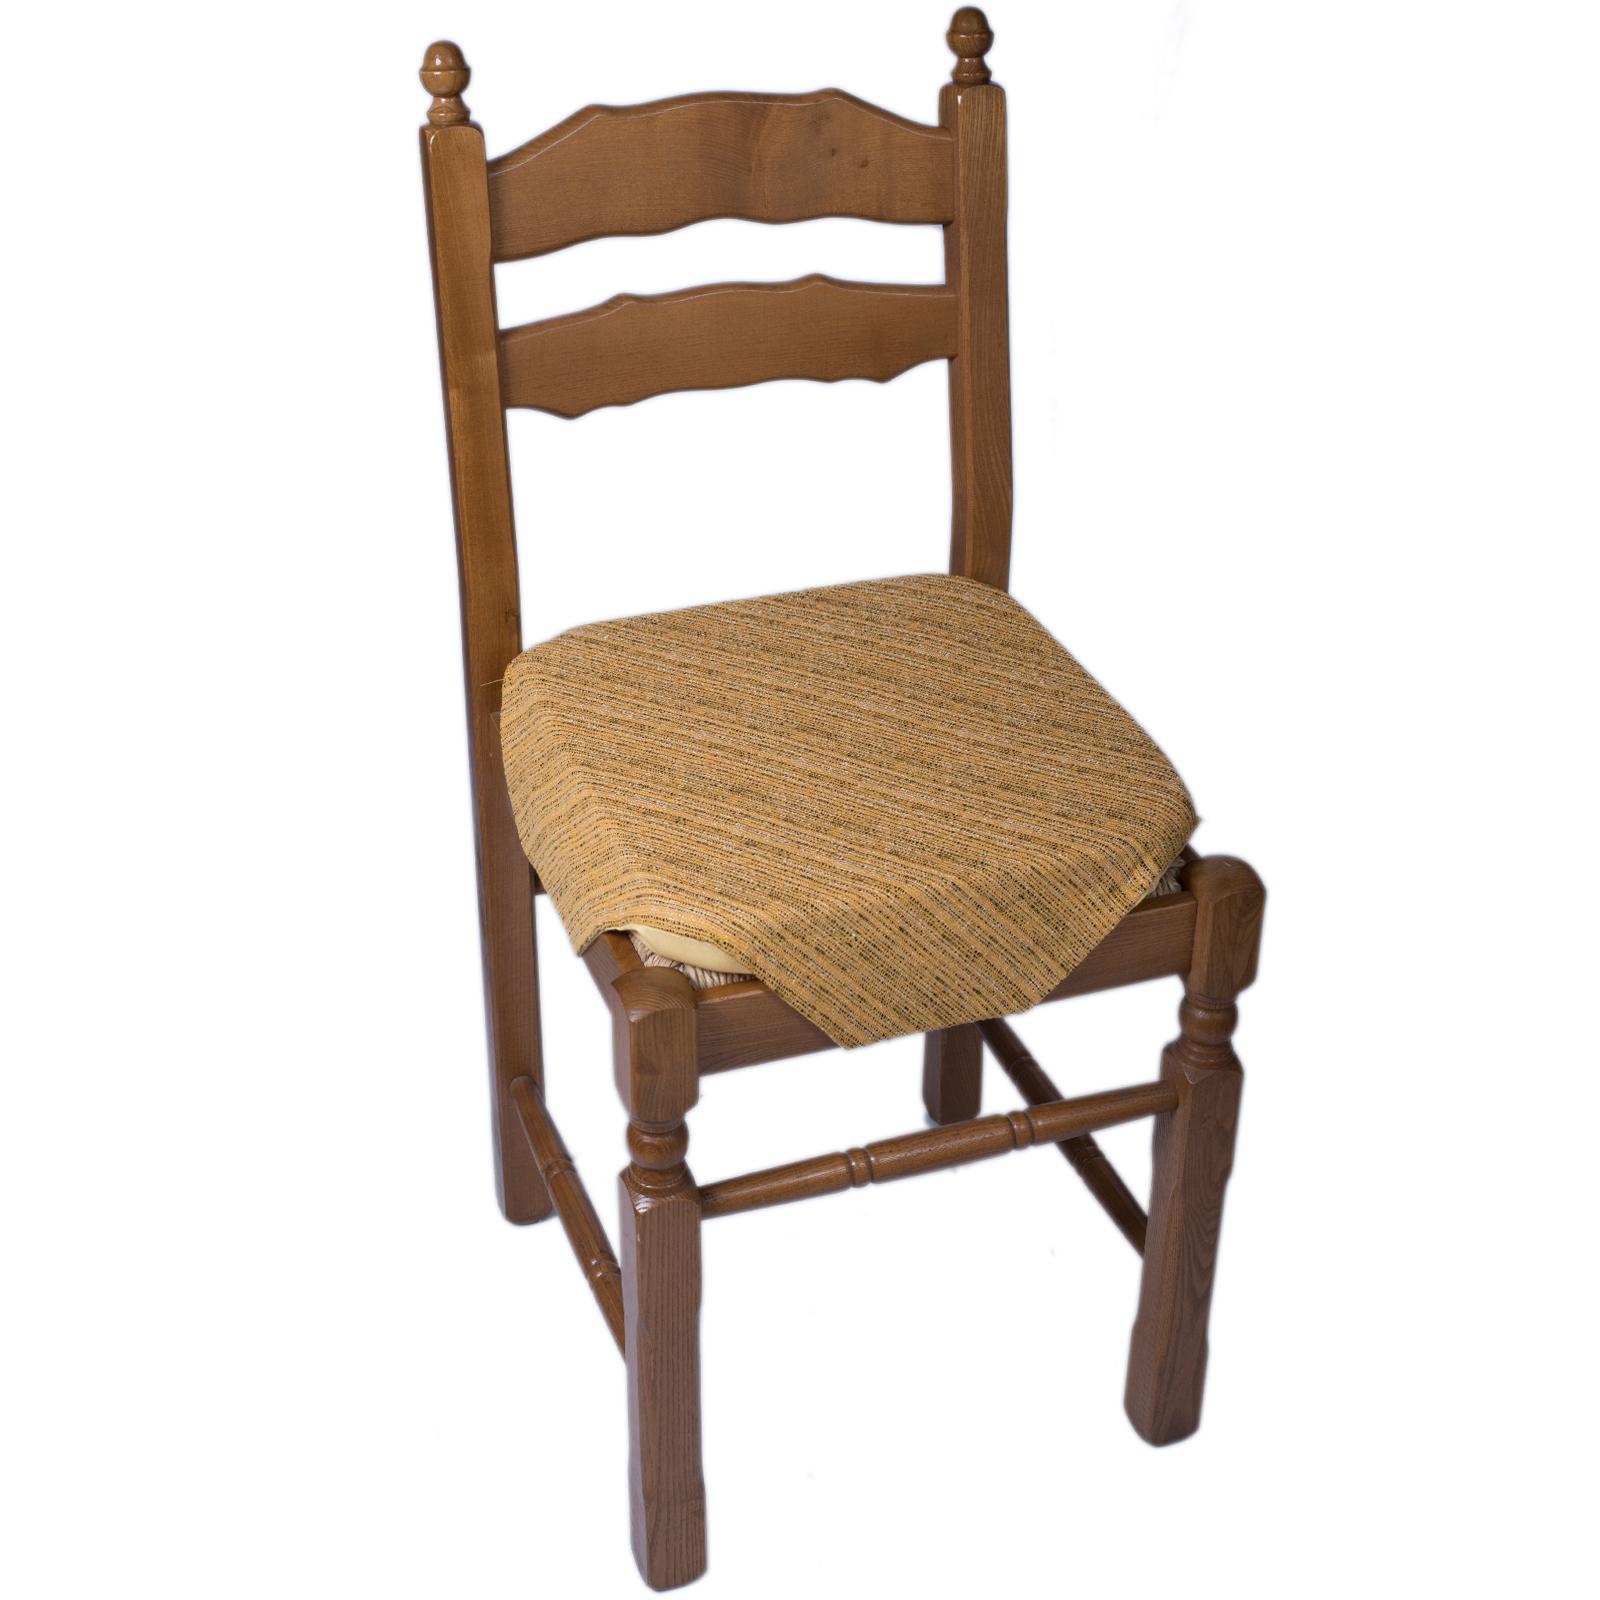 Cuscino sedia alette melange cose di casa un mondo di - Cuscino per sedia viola ...